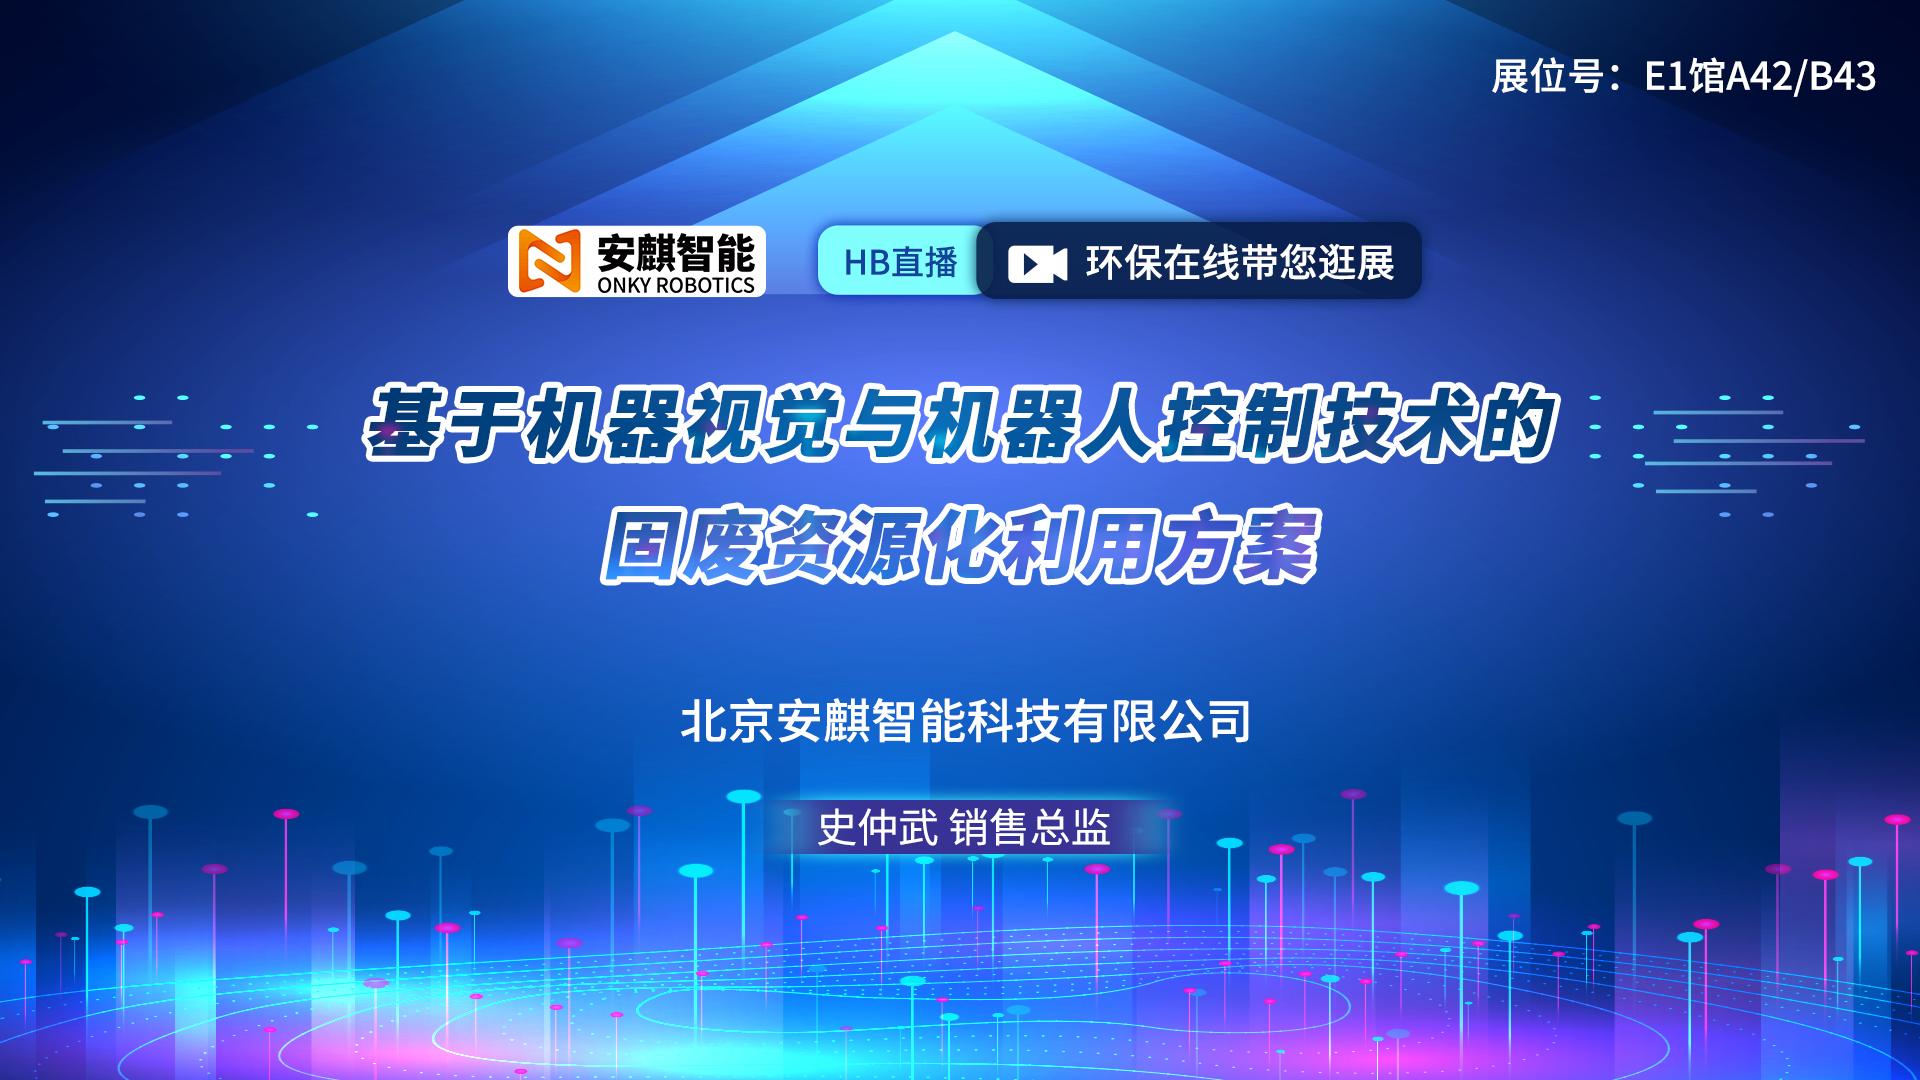 直播预告:安麒智能环博会逛展直播预告